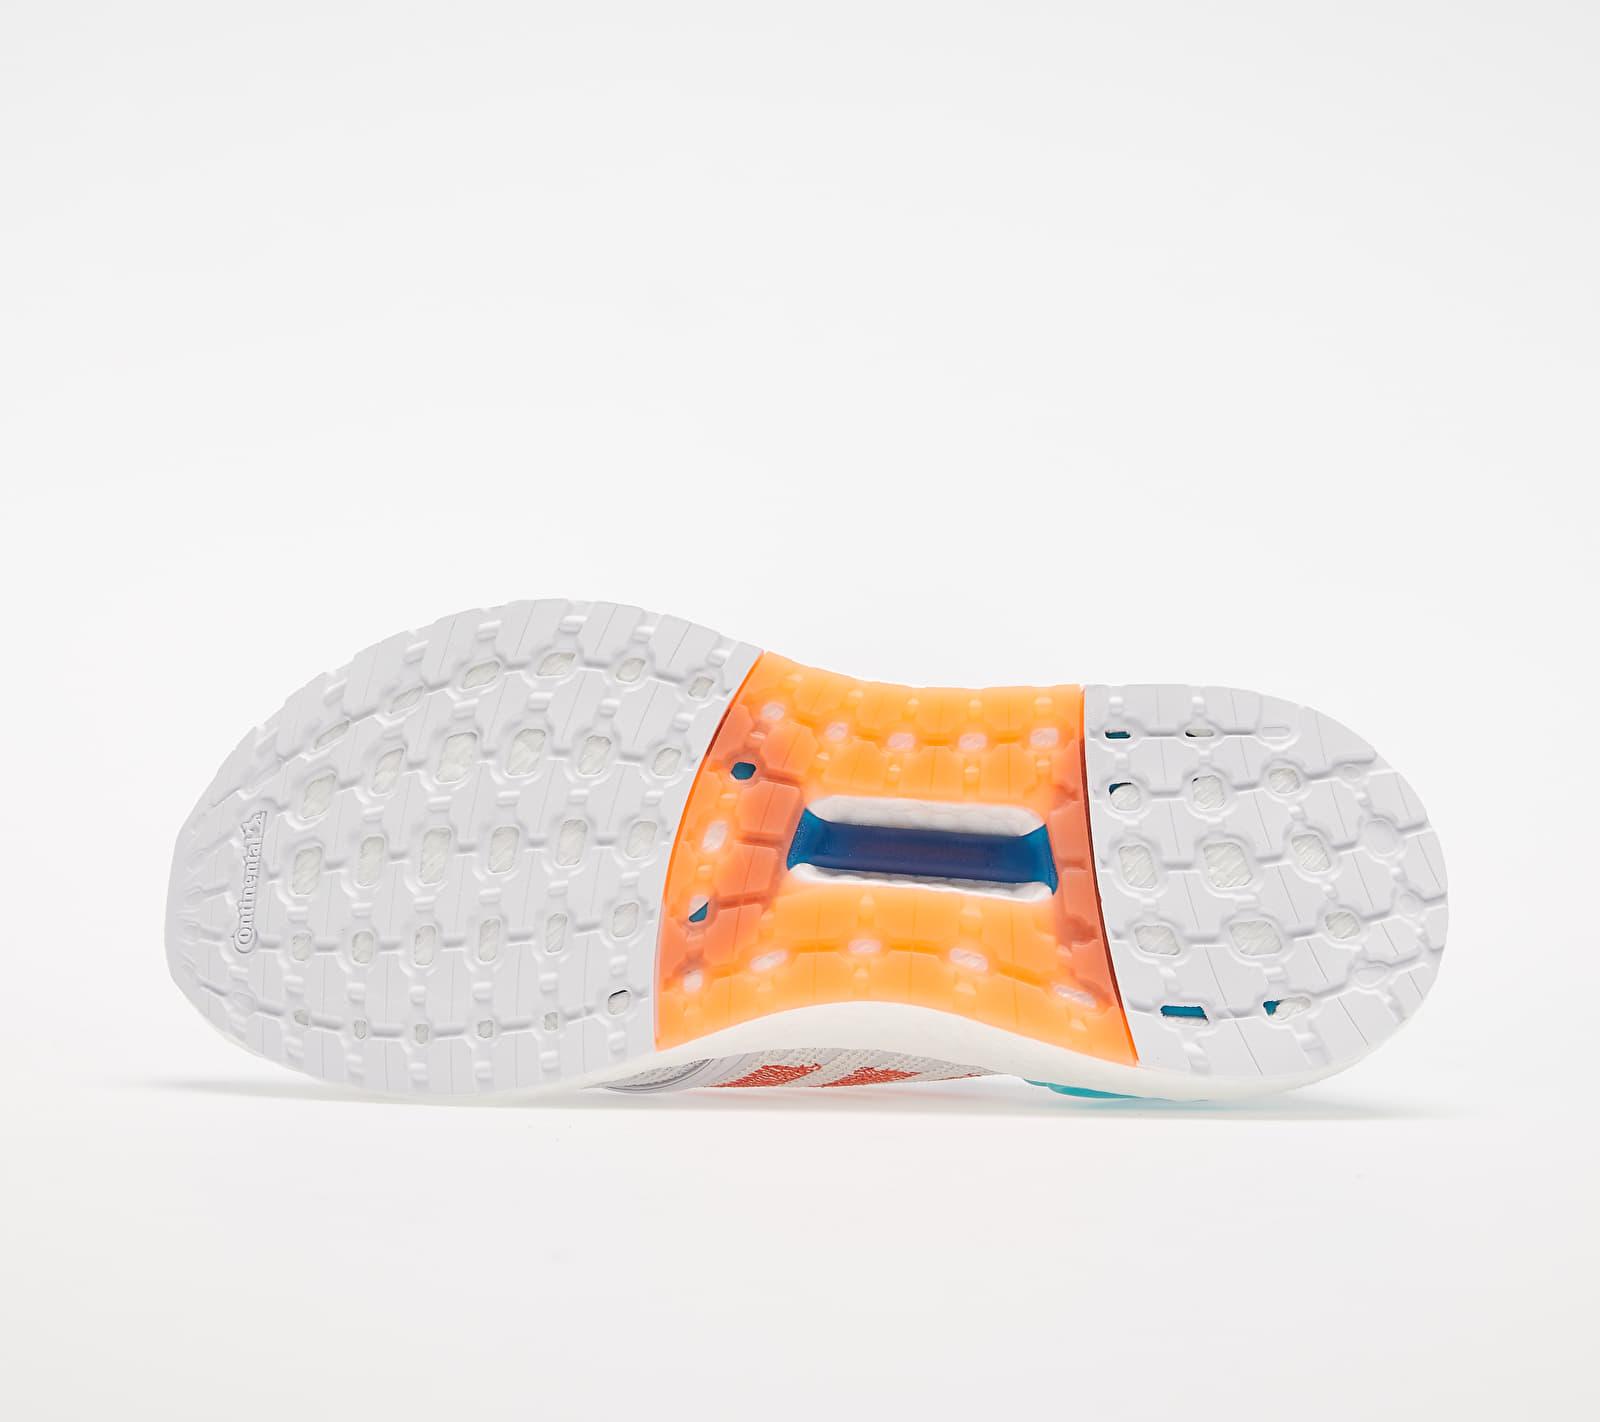 adidas UltraBOOST 20 Primeblue W Dash Grey/ True Orange/ Blue Spirit